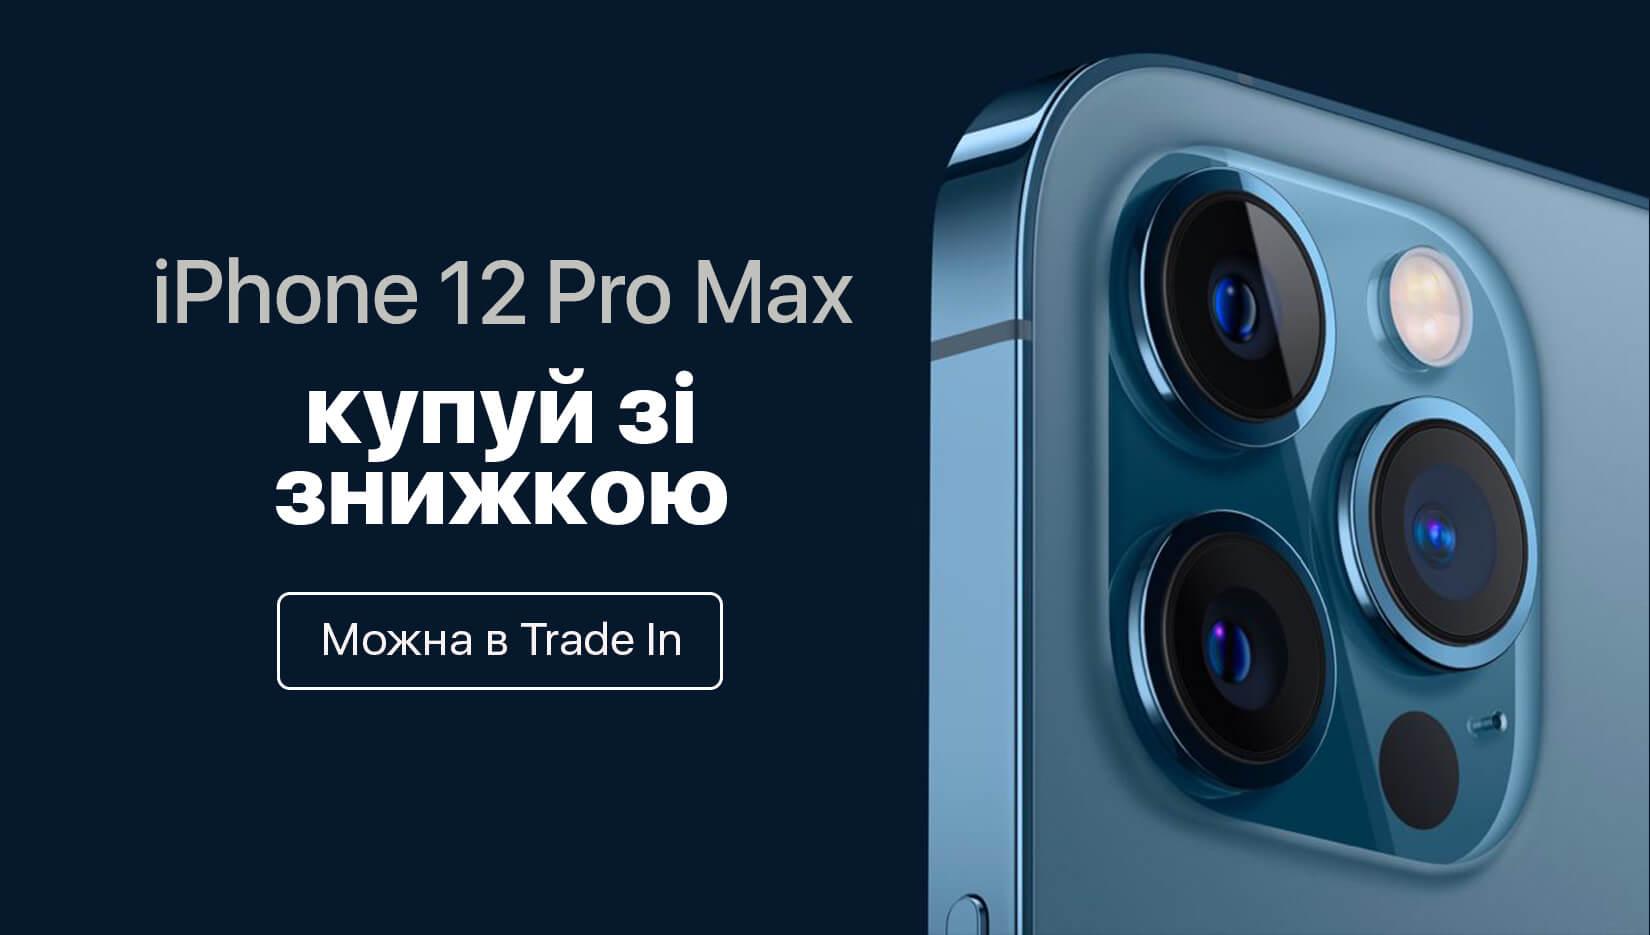 Купити iPhone 12 Pro Max